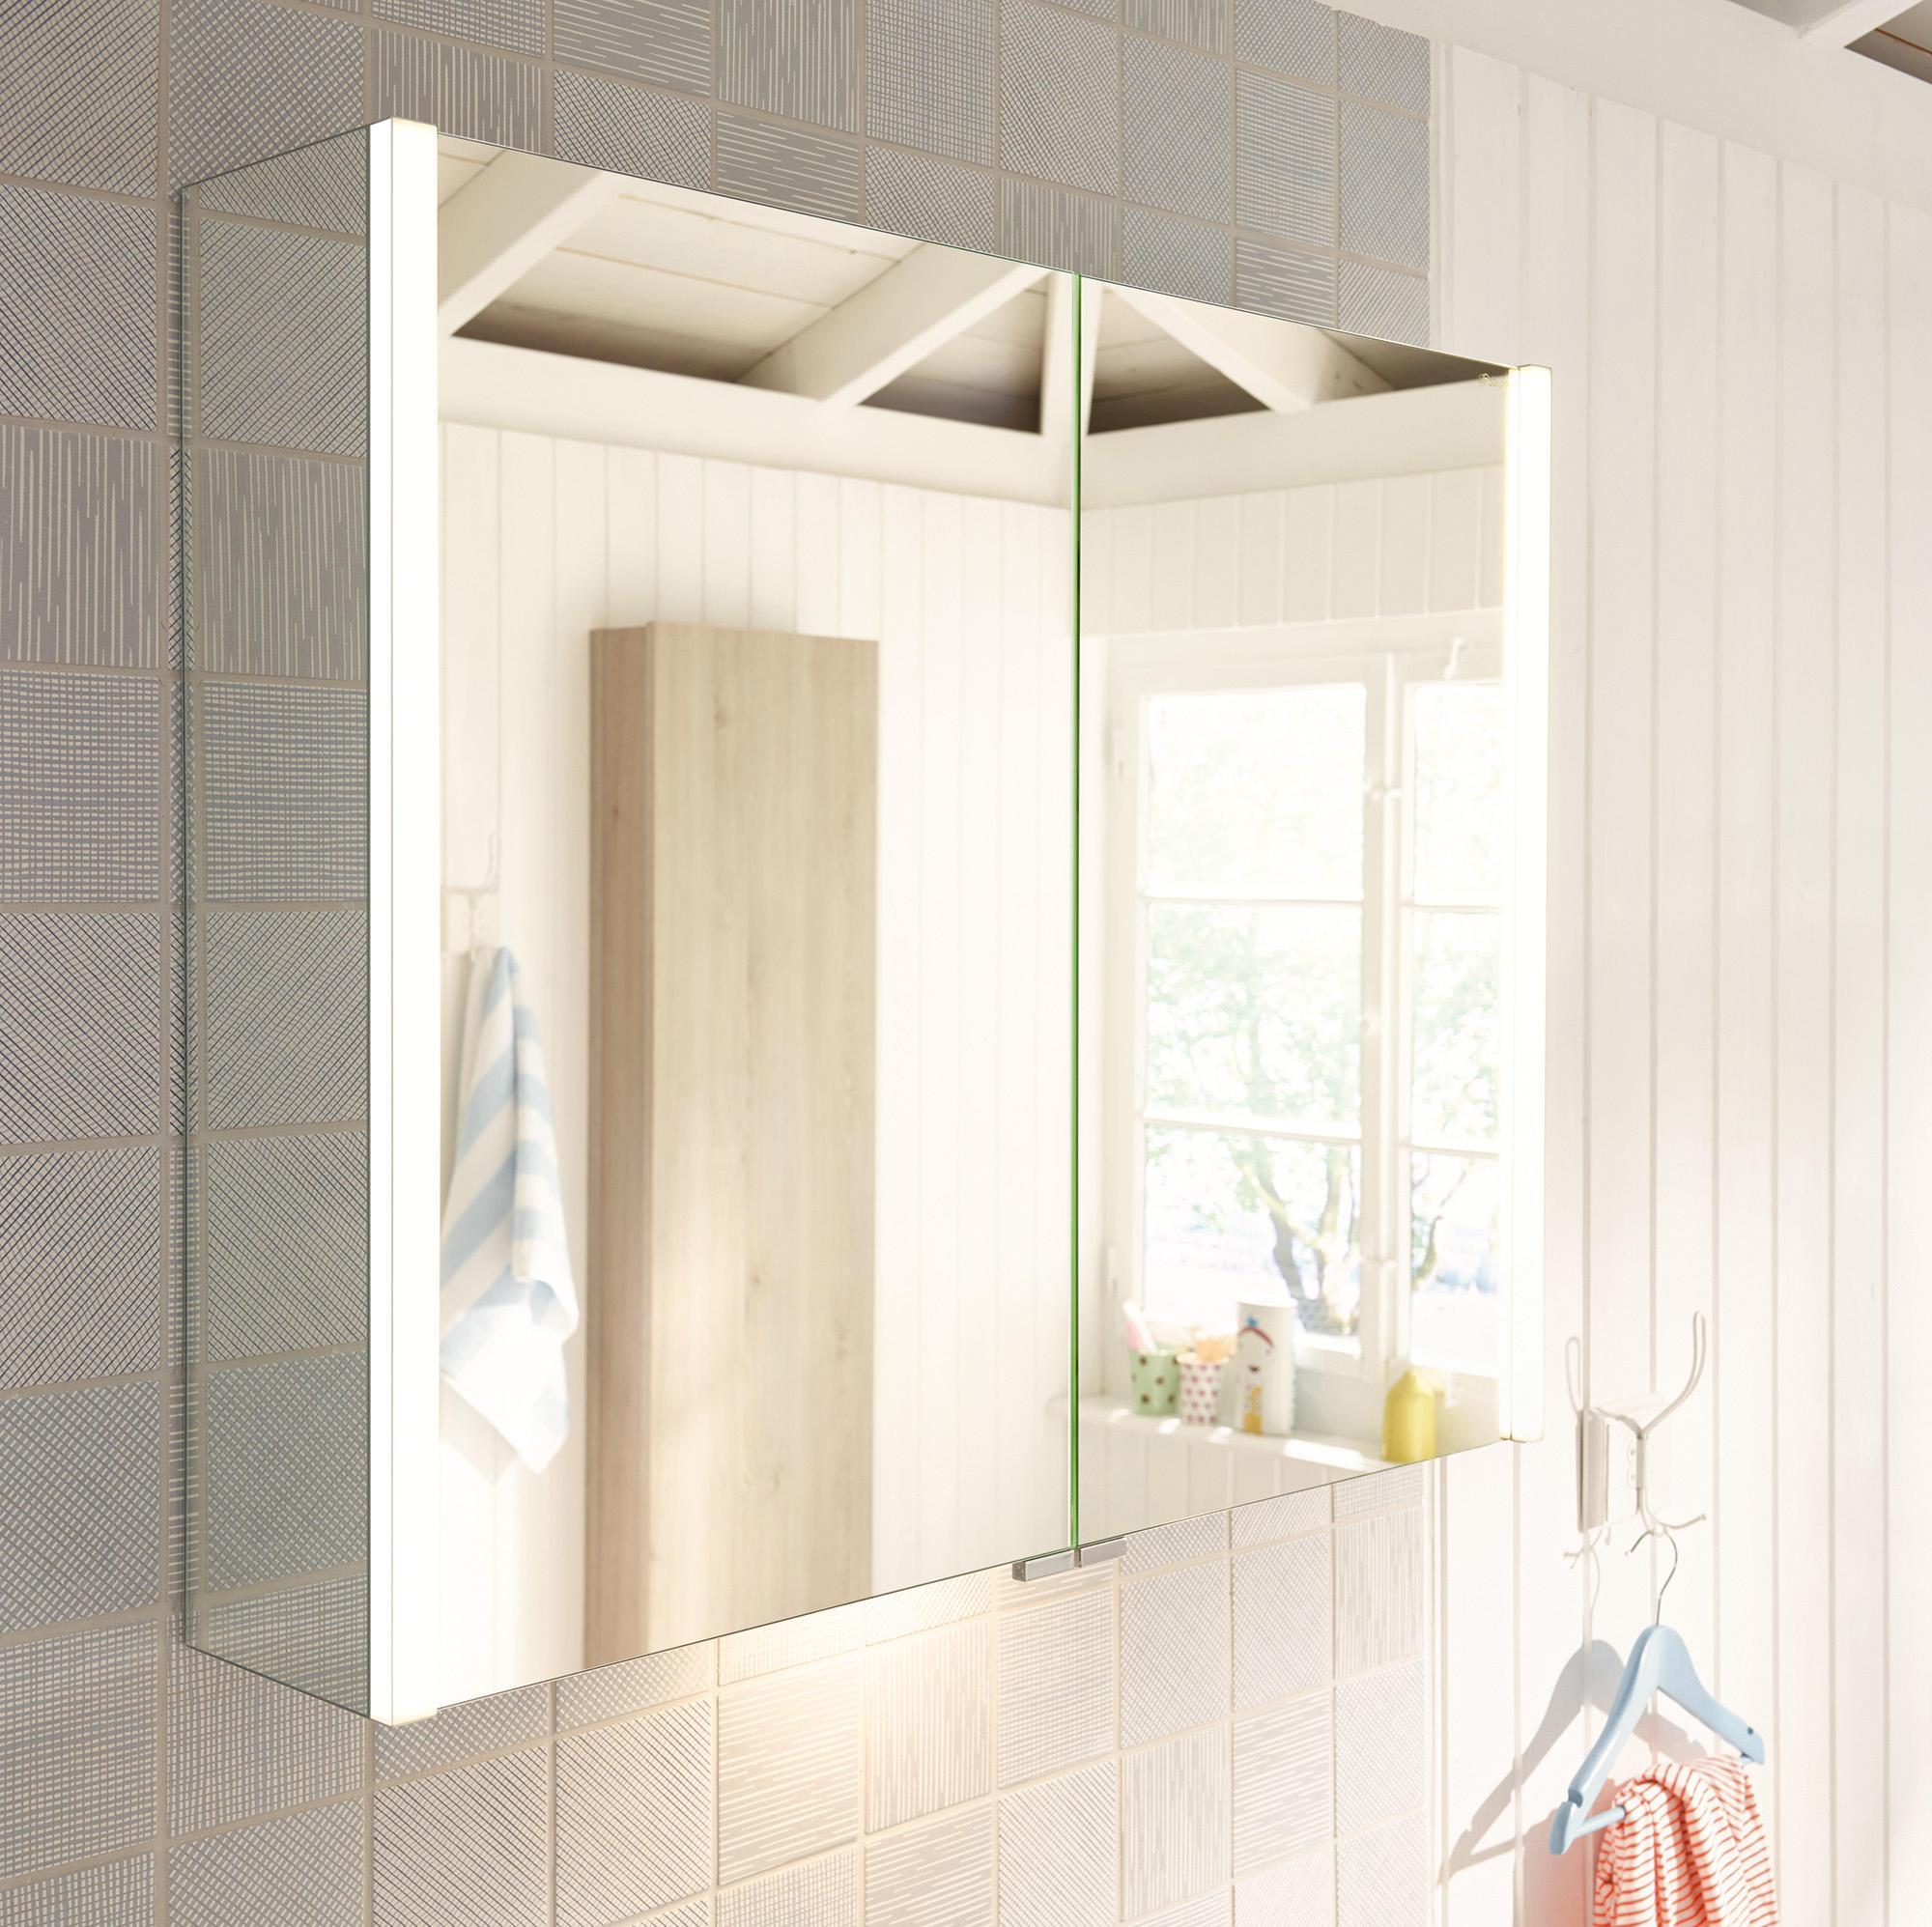 bel spiegelschrank mit vertikaler led beleuchtung und waschtischbeleuchtung spiegelschr nke. Black Bedroom Furniture Sets. Home Design Ideas